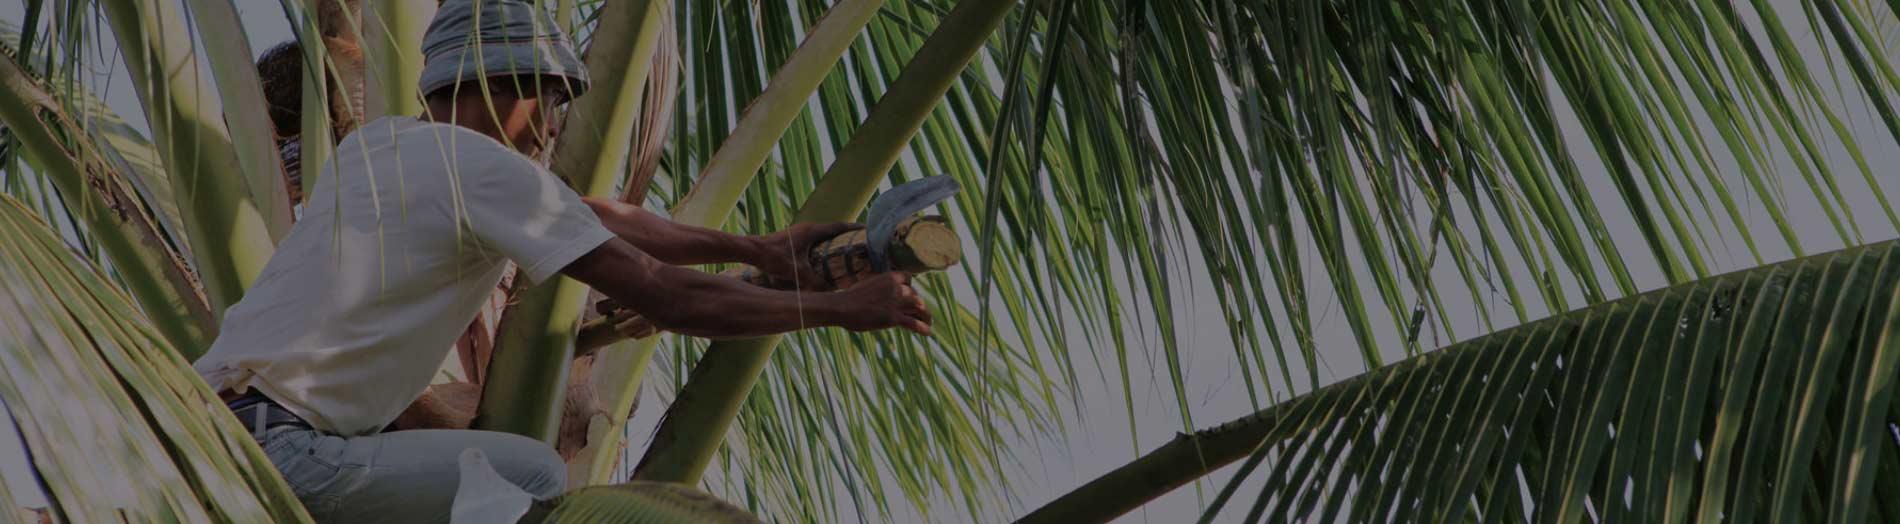 Gewinnung von Kokosblütenzucker